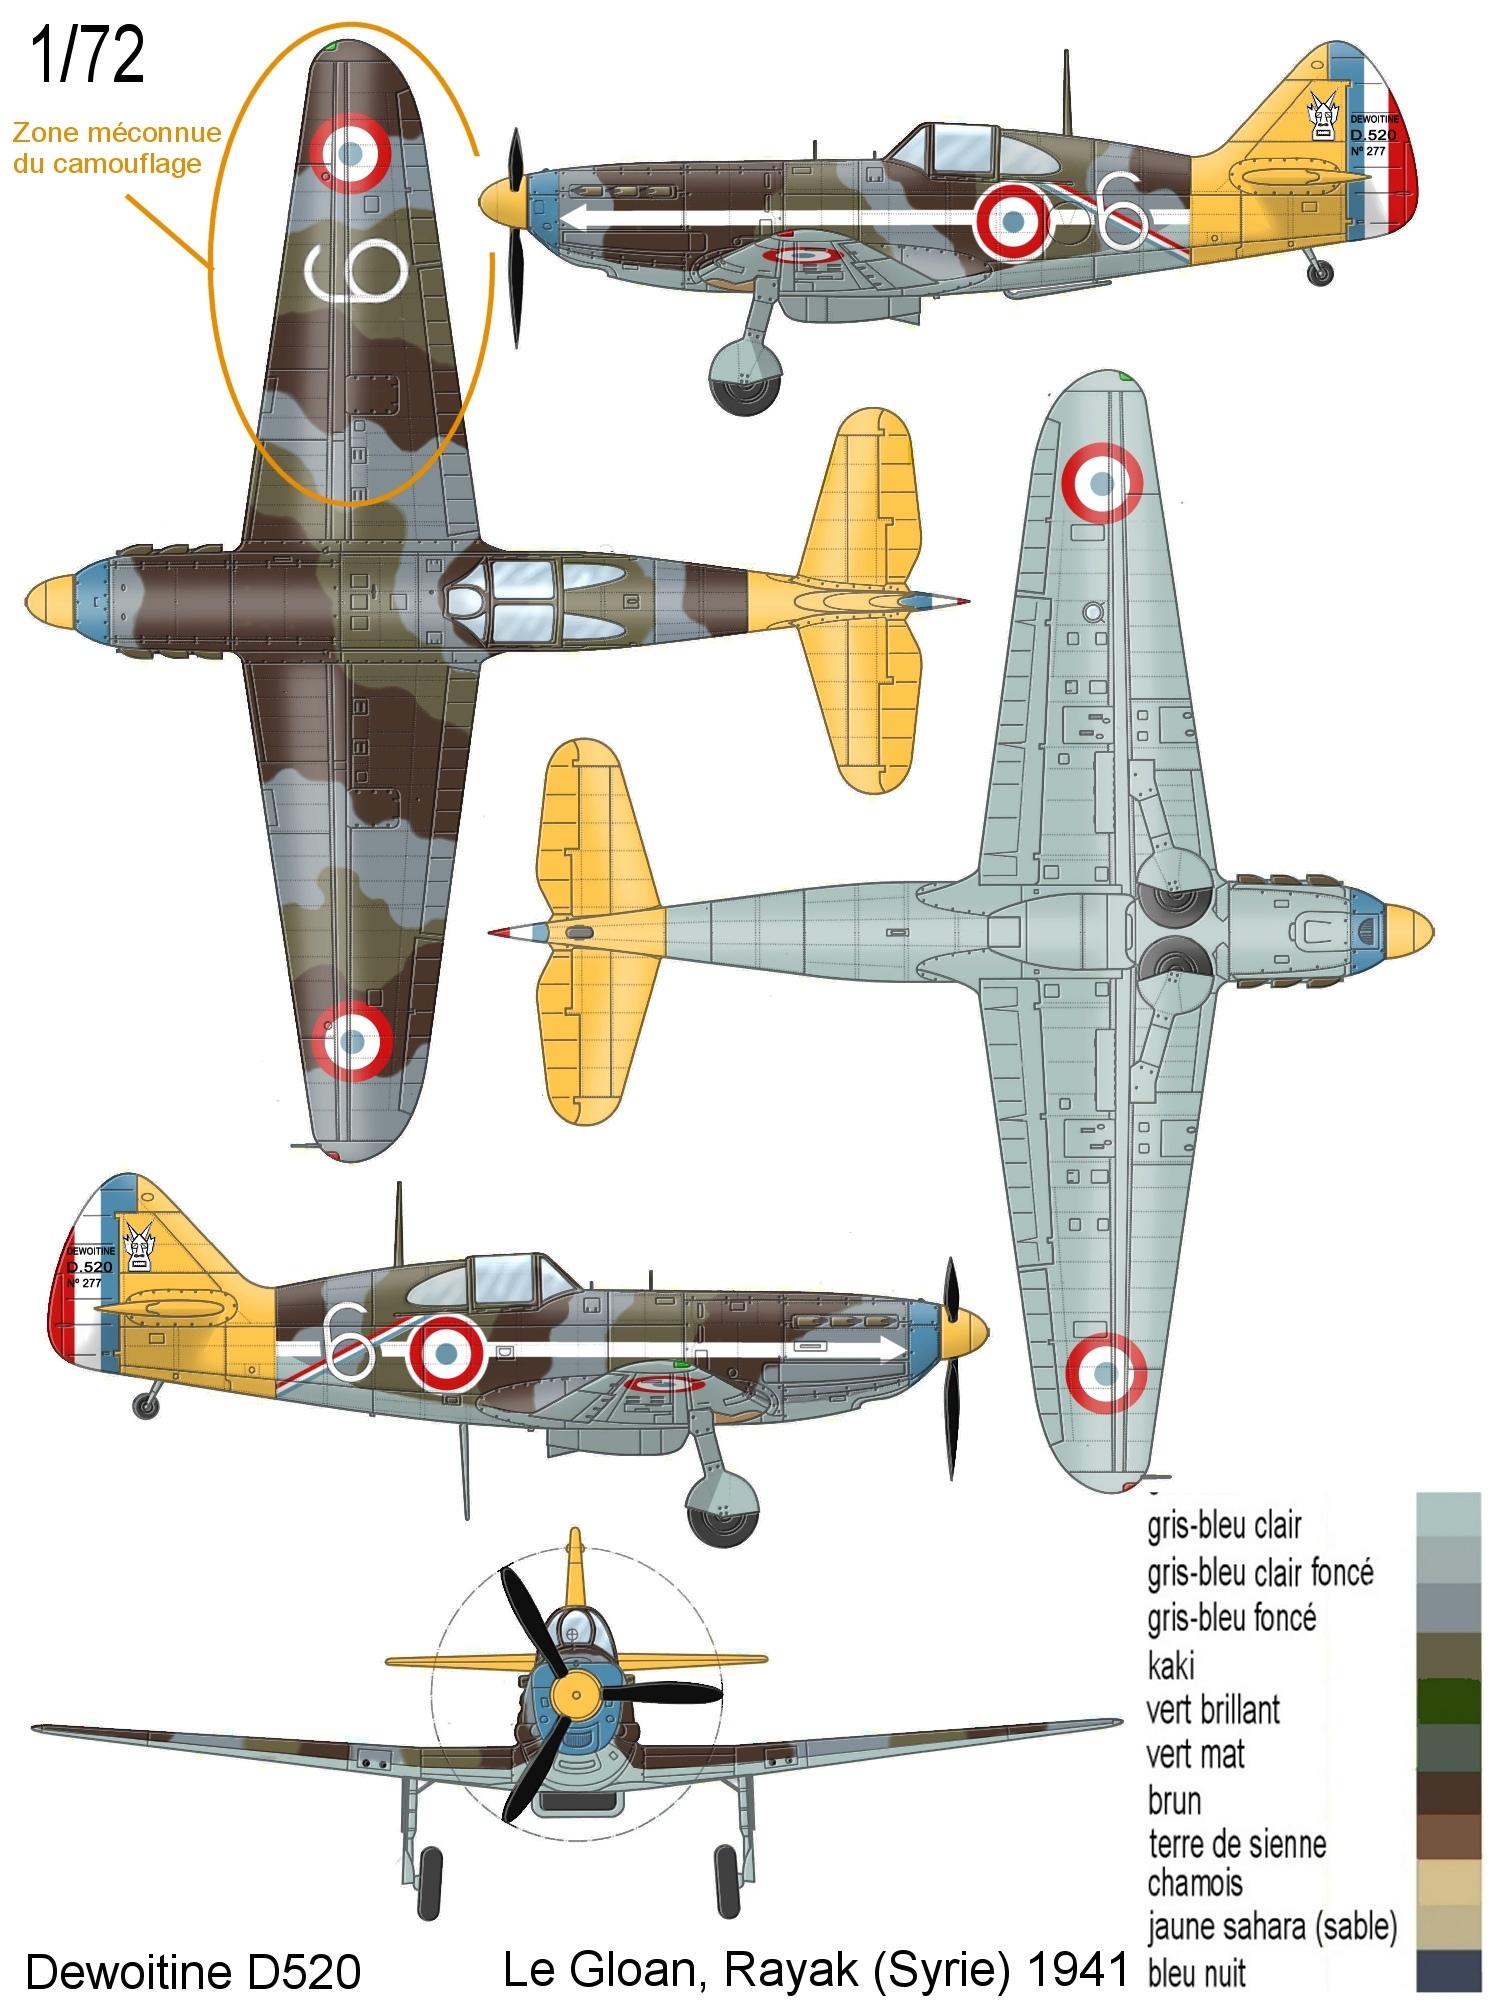 Montage: Dewoitine D520 Vichy en Syrie  D520_c24